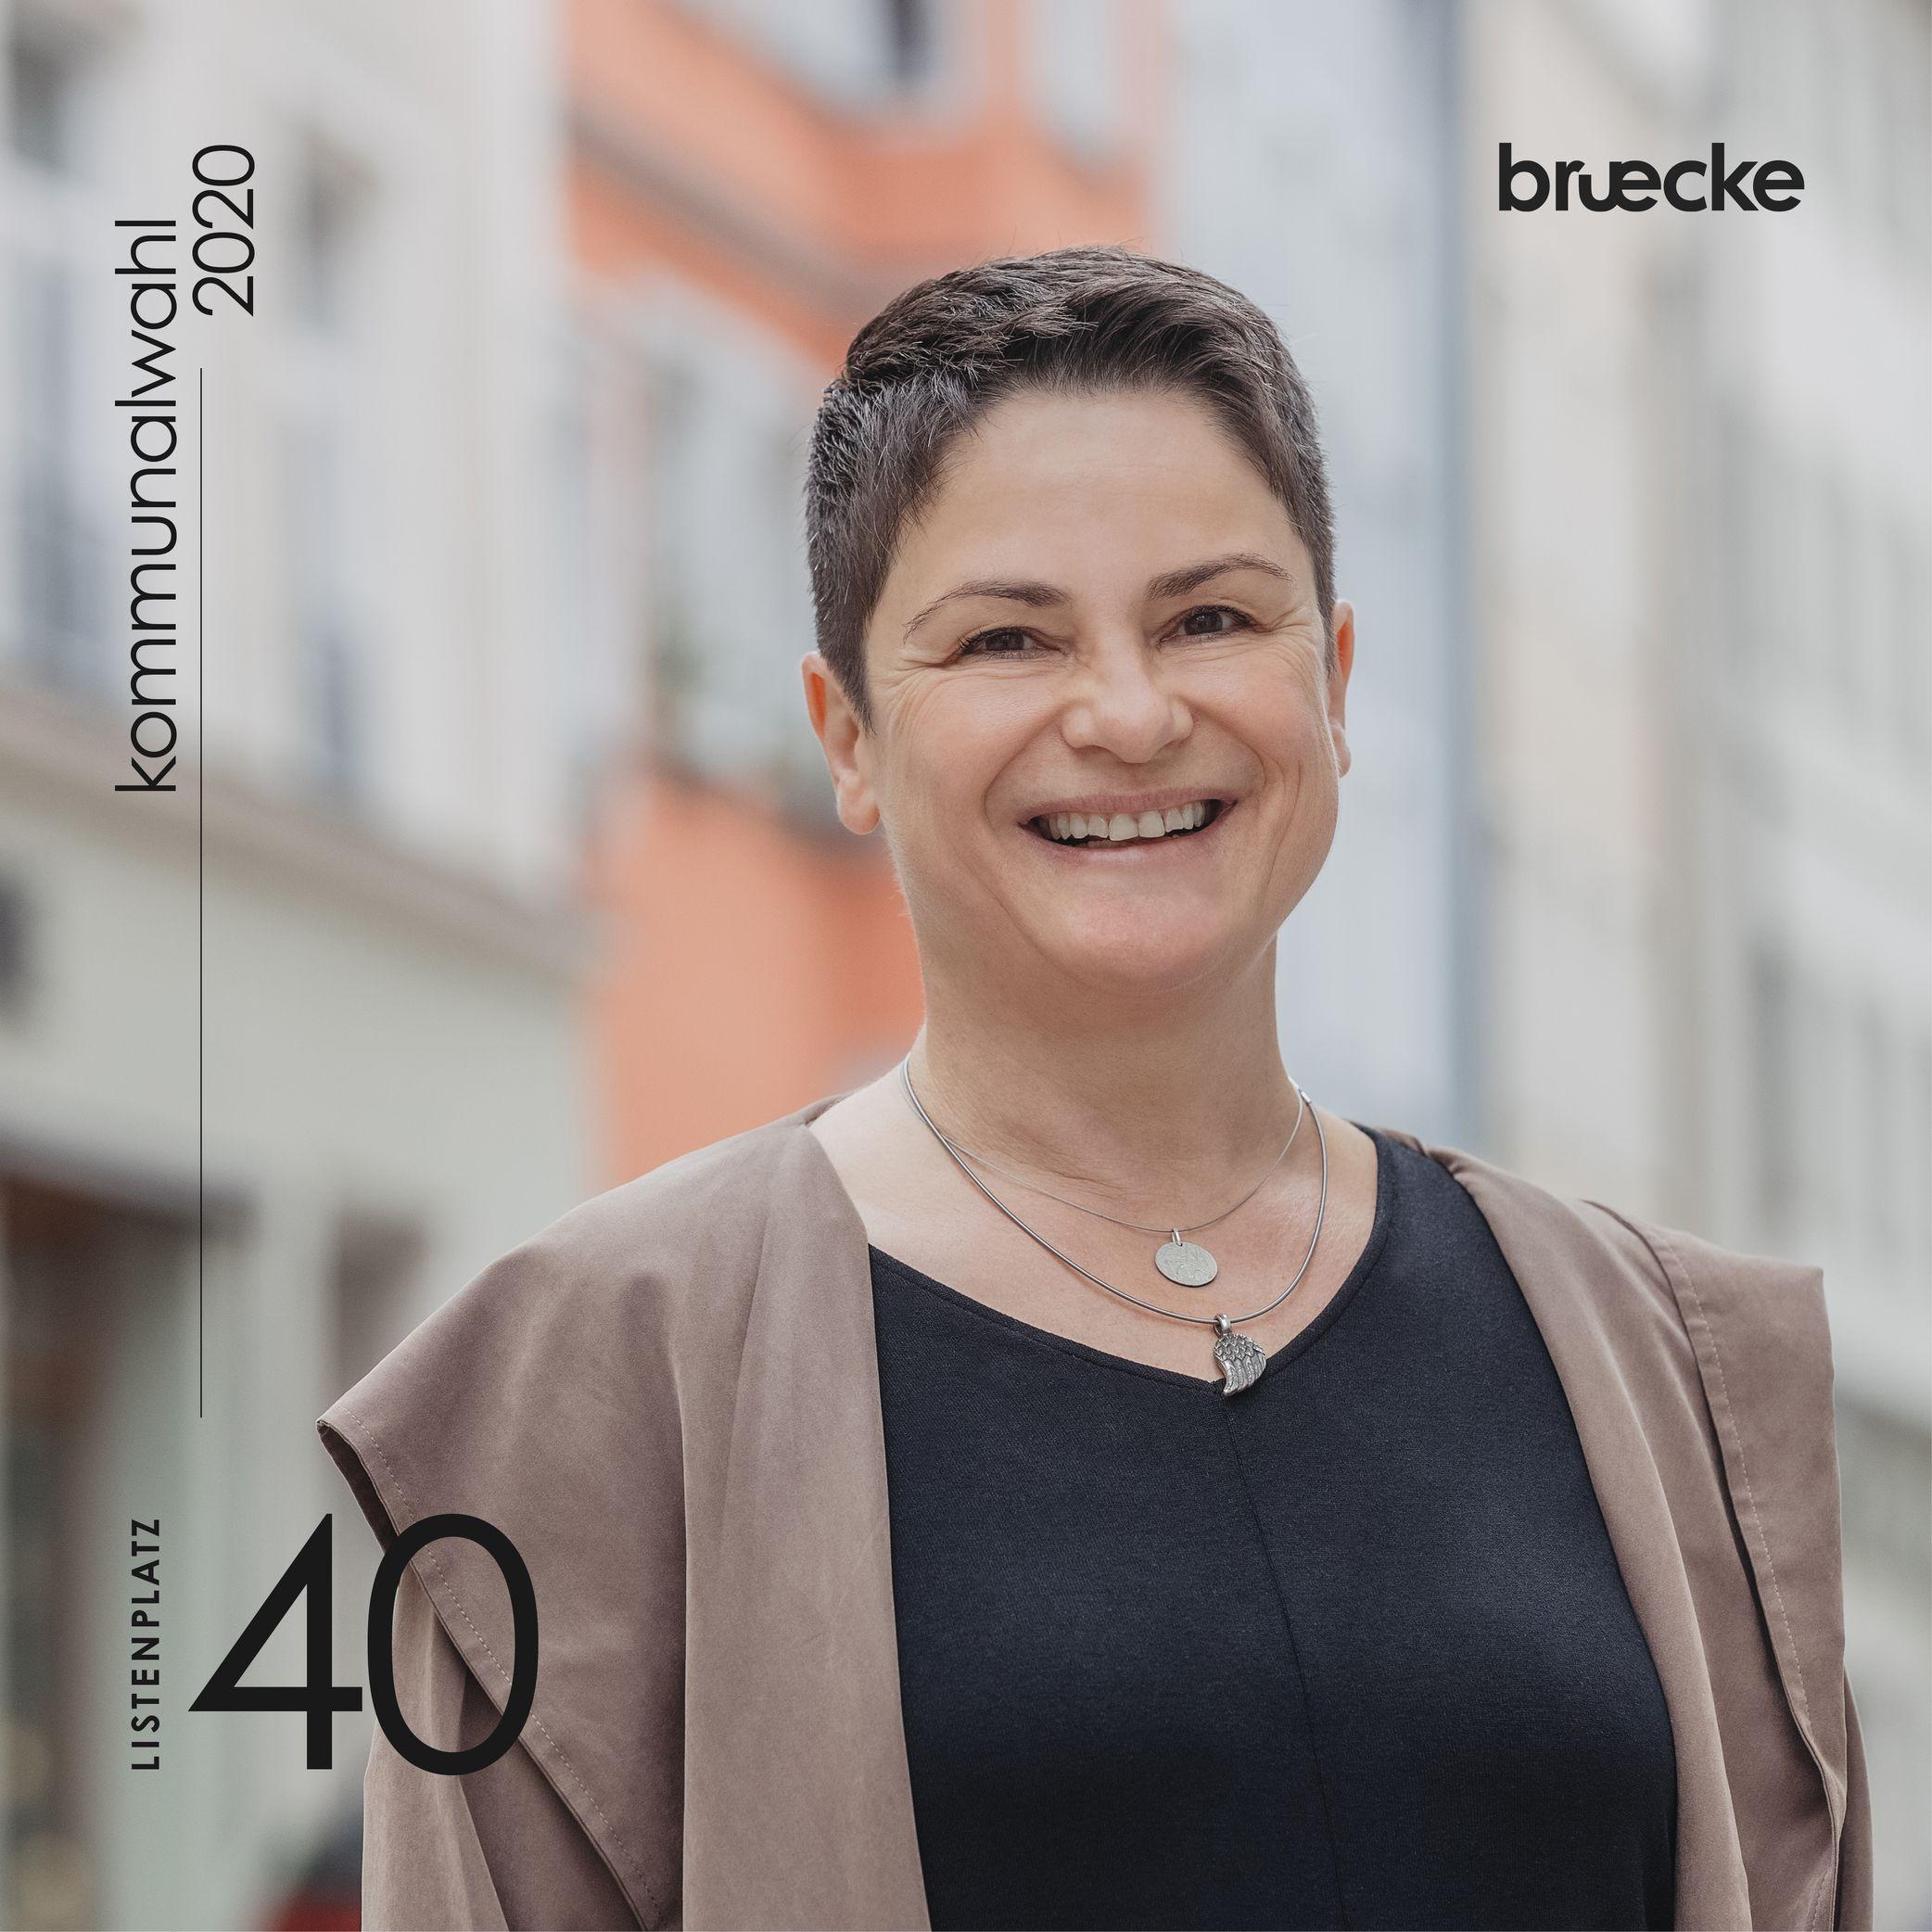 Andrea Blazejewski